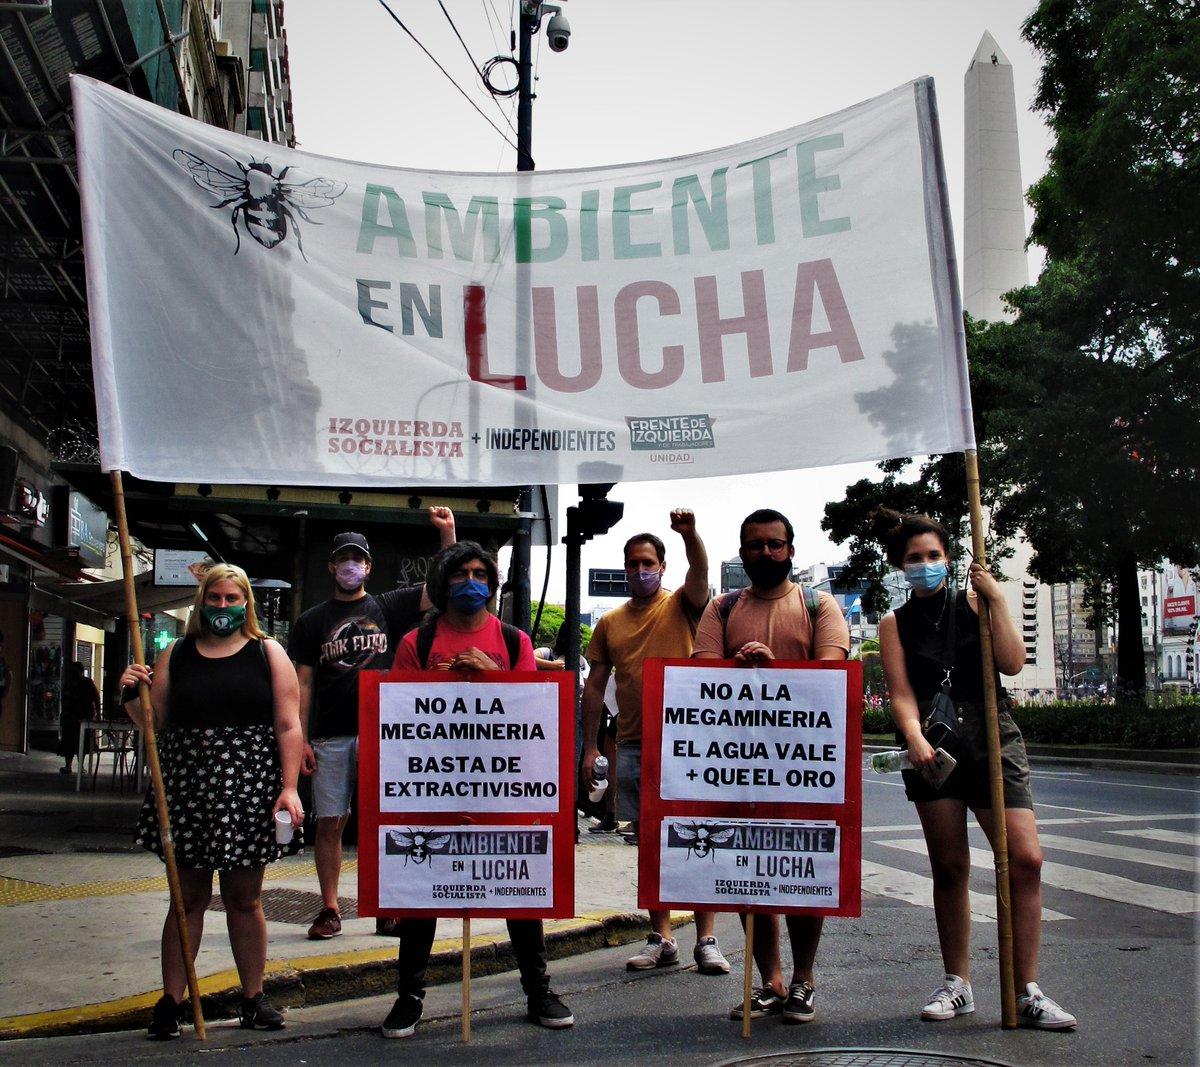 """Hoy estuvimos en la Casa de la Prov. del Chubut junto con @GiordanoGringo . El pueblo de Chubut está en las calles diciendo """"no a la mina"""". Sigamos apoyándolos y combatiendo la política ecocida de los gobiernos.  #elaguavalemasqueeloro #la5001nosetoca #NoALaMegamineriaEnChubut"""